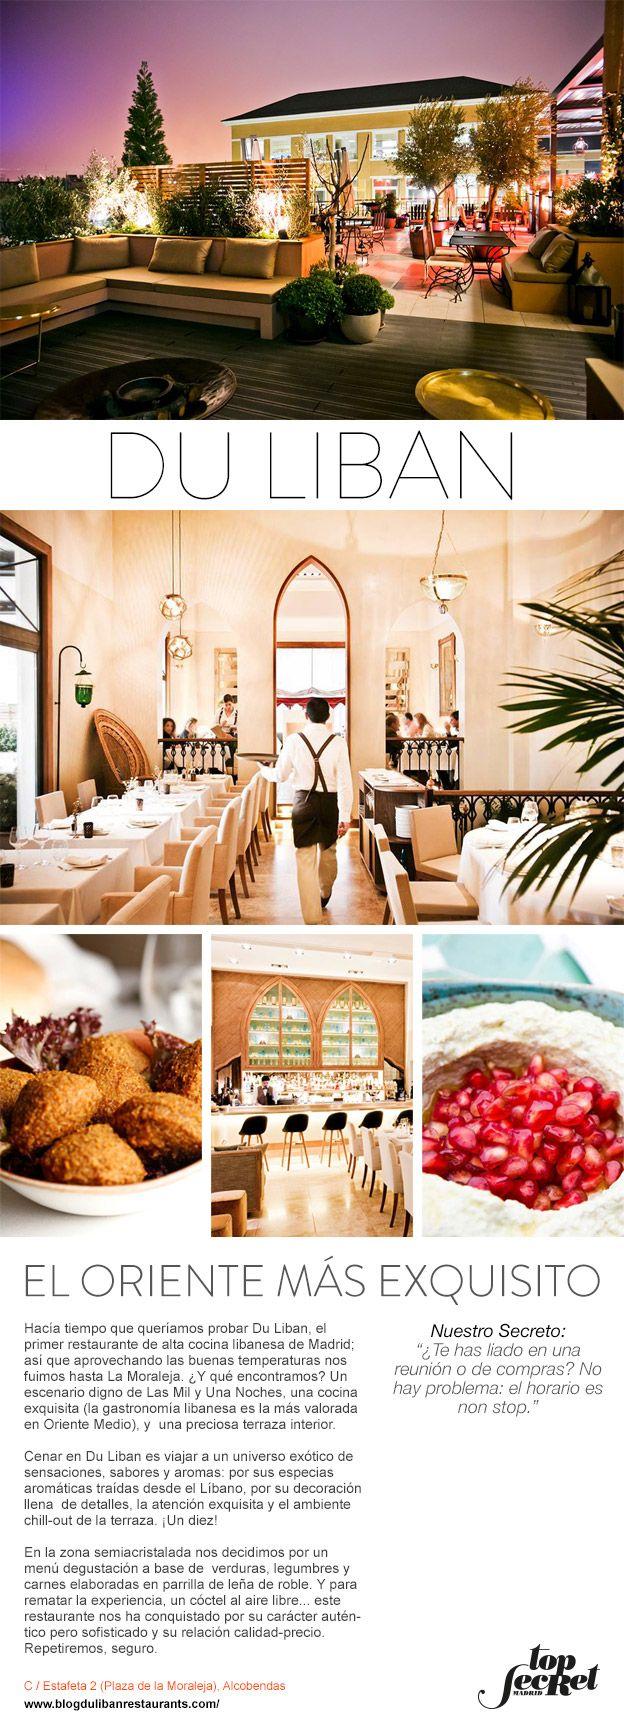 Du Liban El Oriente Más Exquisito Terrazas Interiores Restaurantes Exquisito